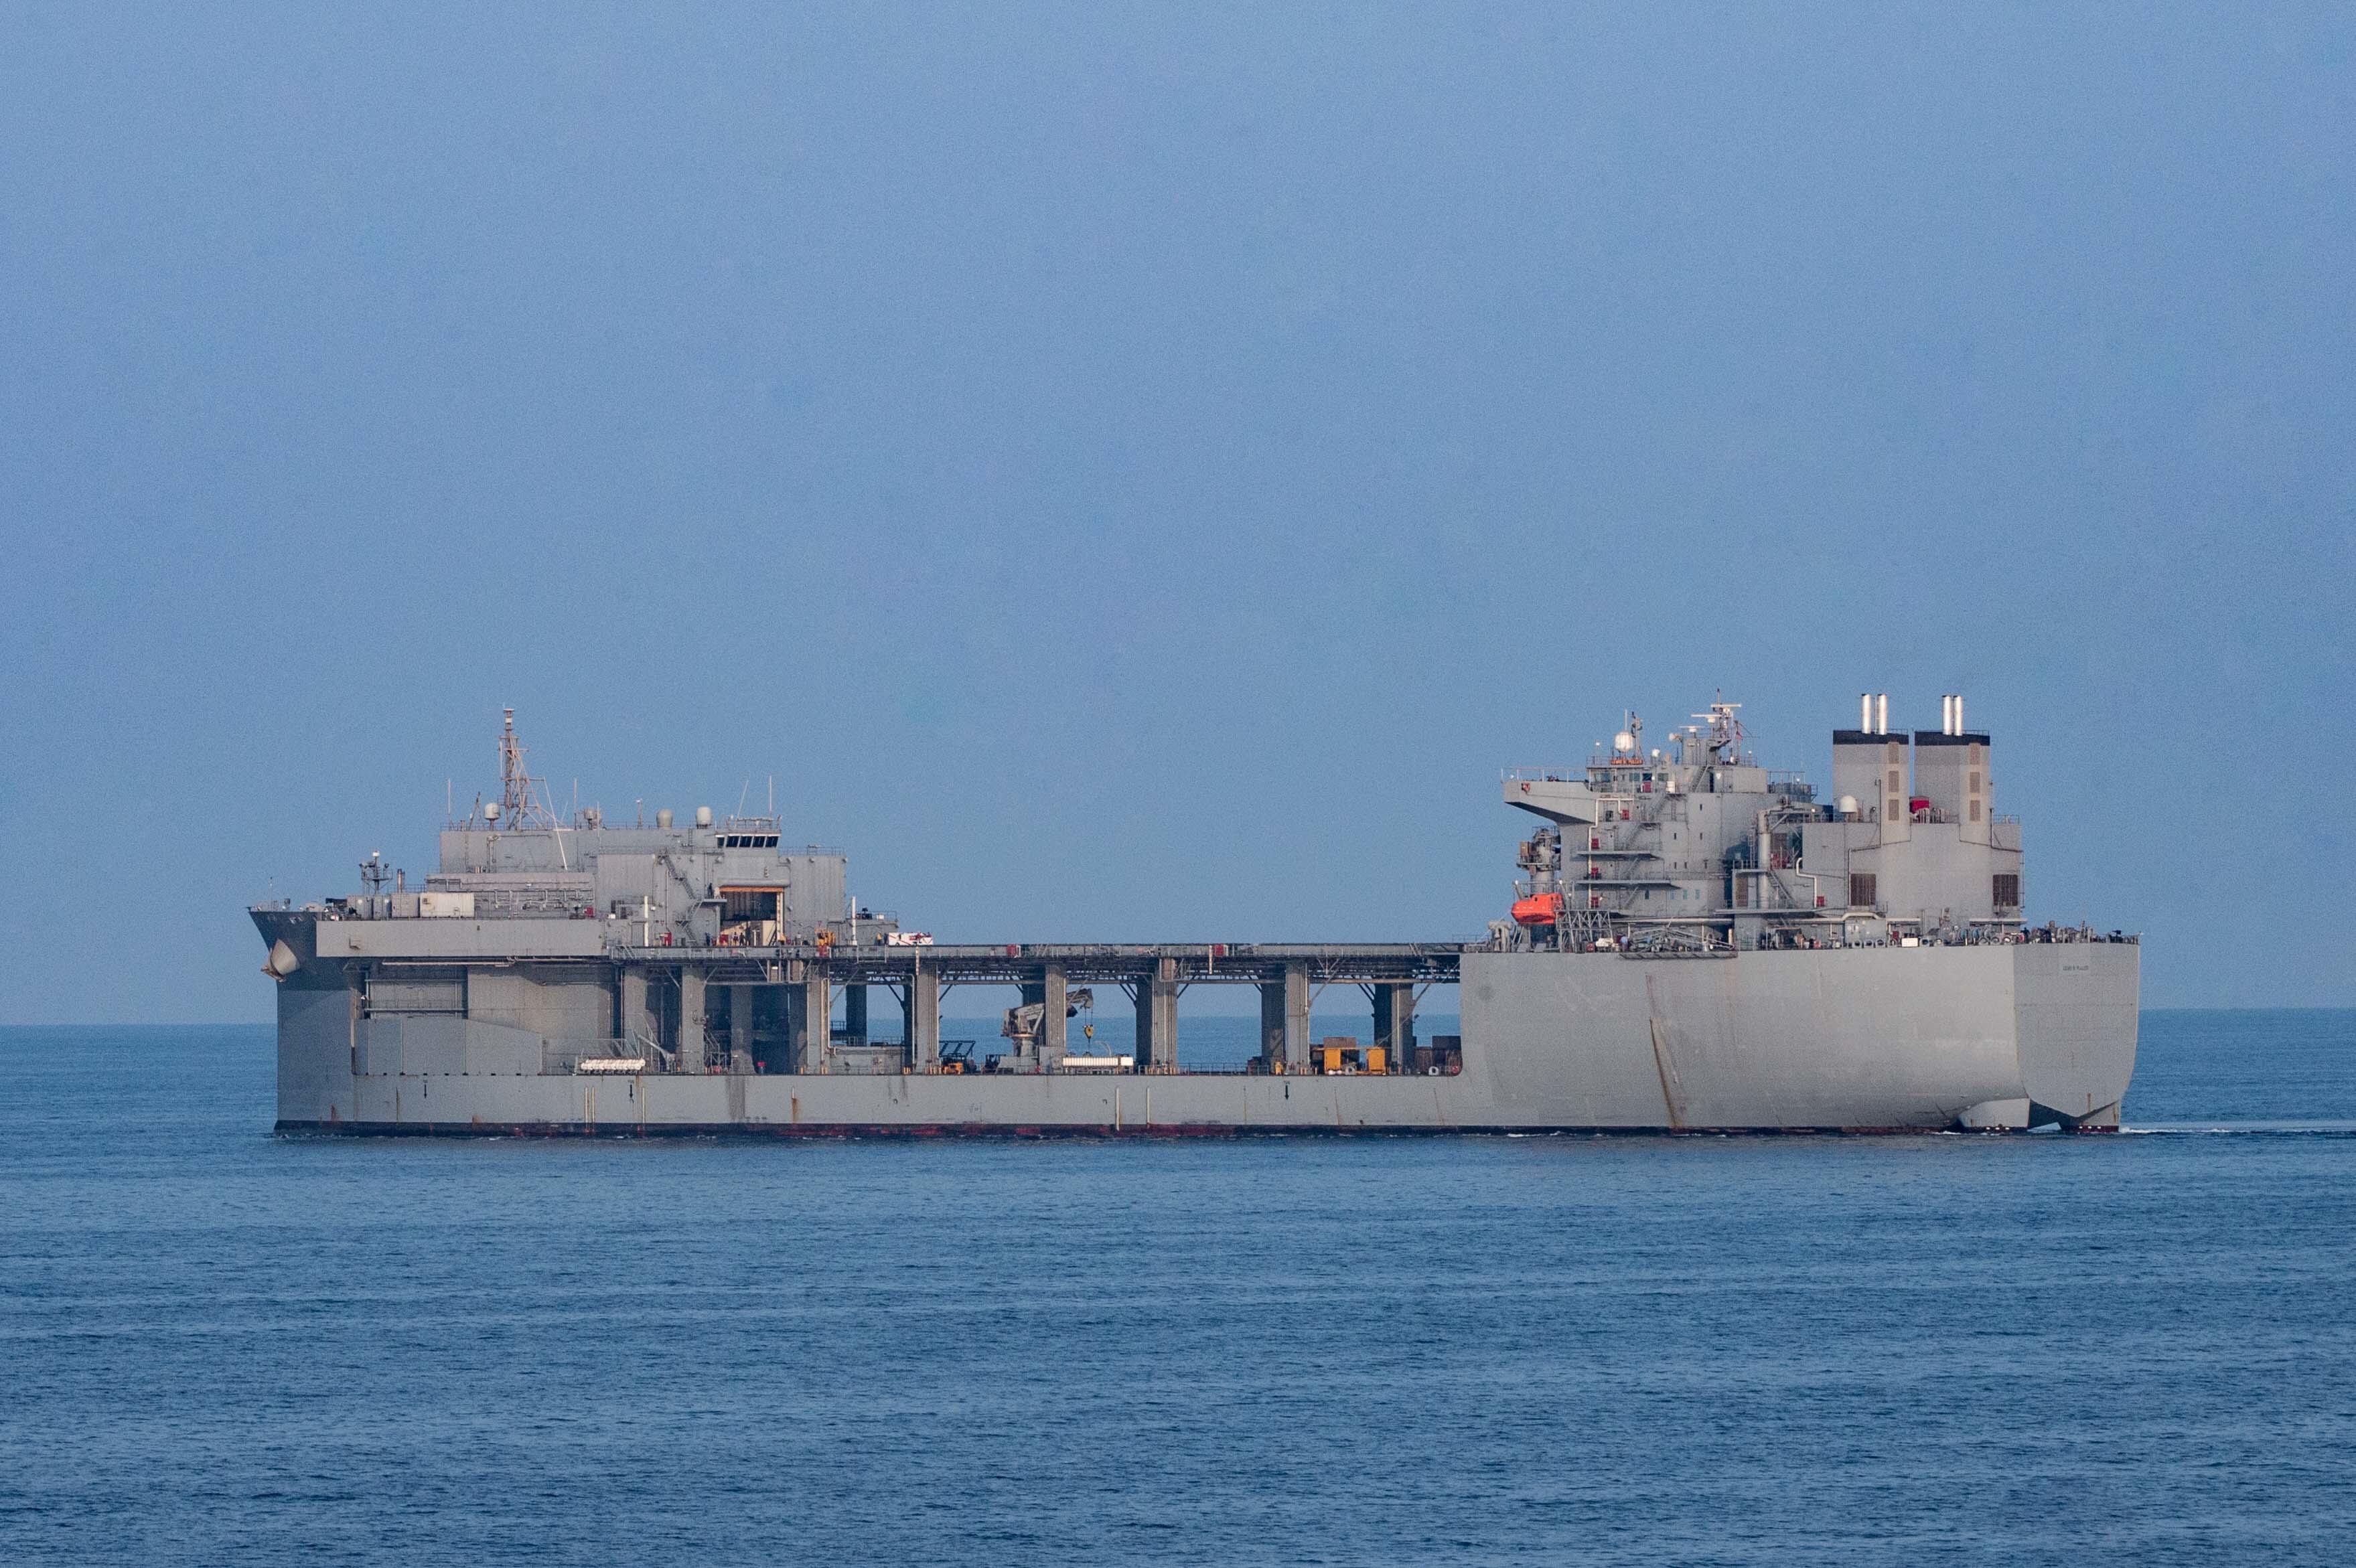 U.S. Navy ships transit Strait of Hormuz